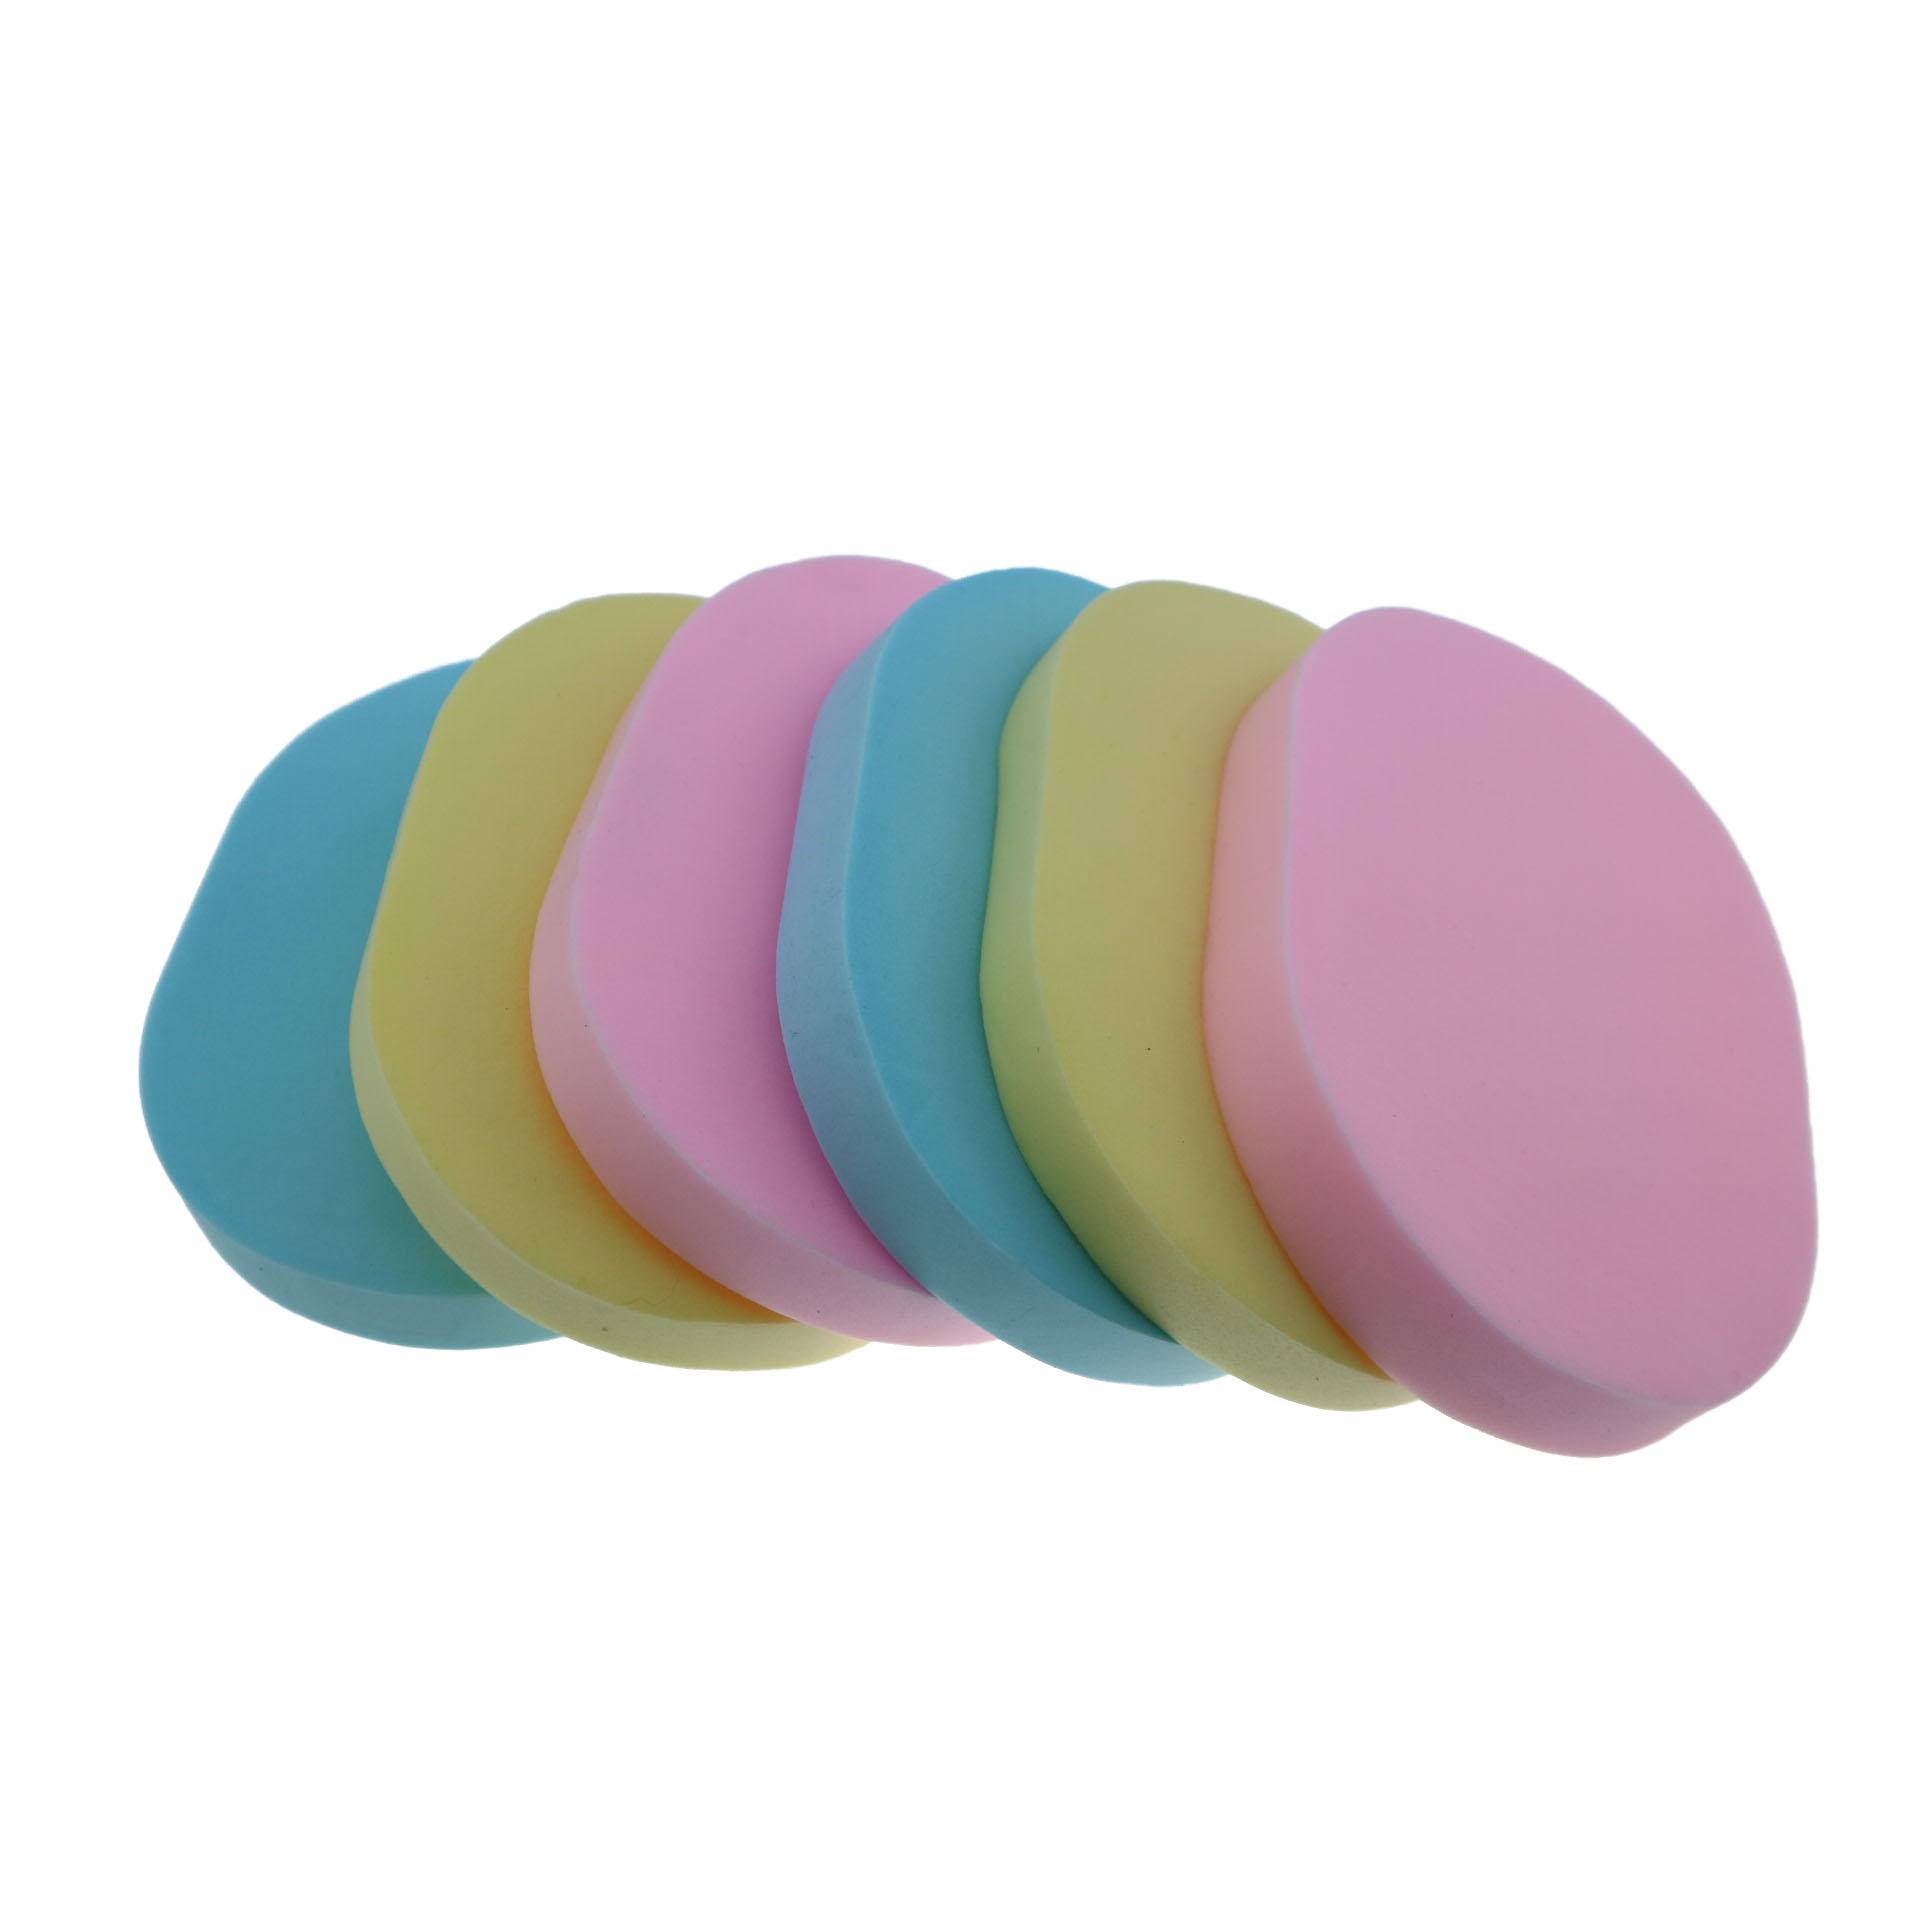 精品超细腻珍珠洗脸扑洁面扑深层清洁 宝宝可用加厚洗面海绵